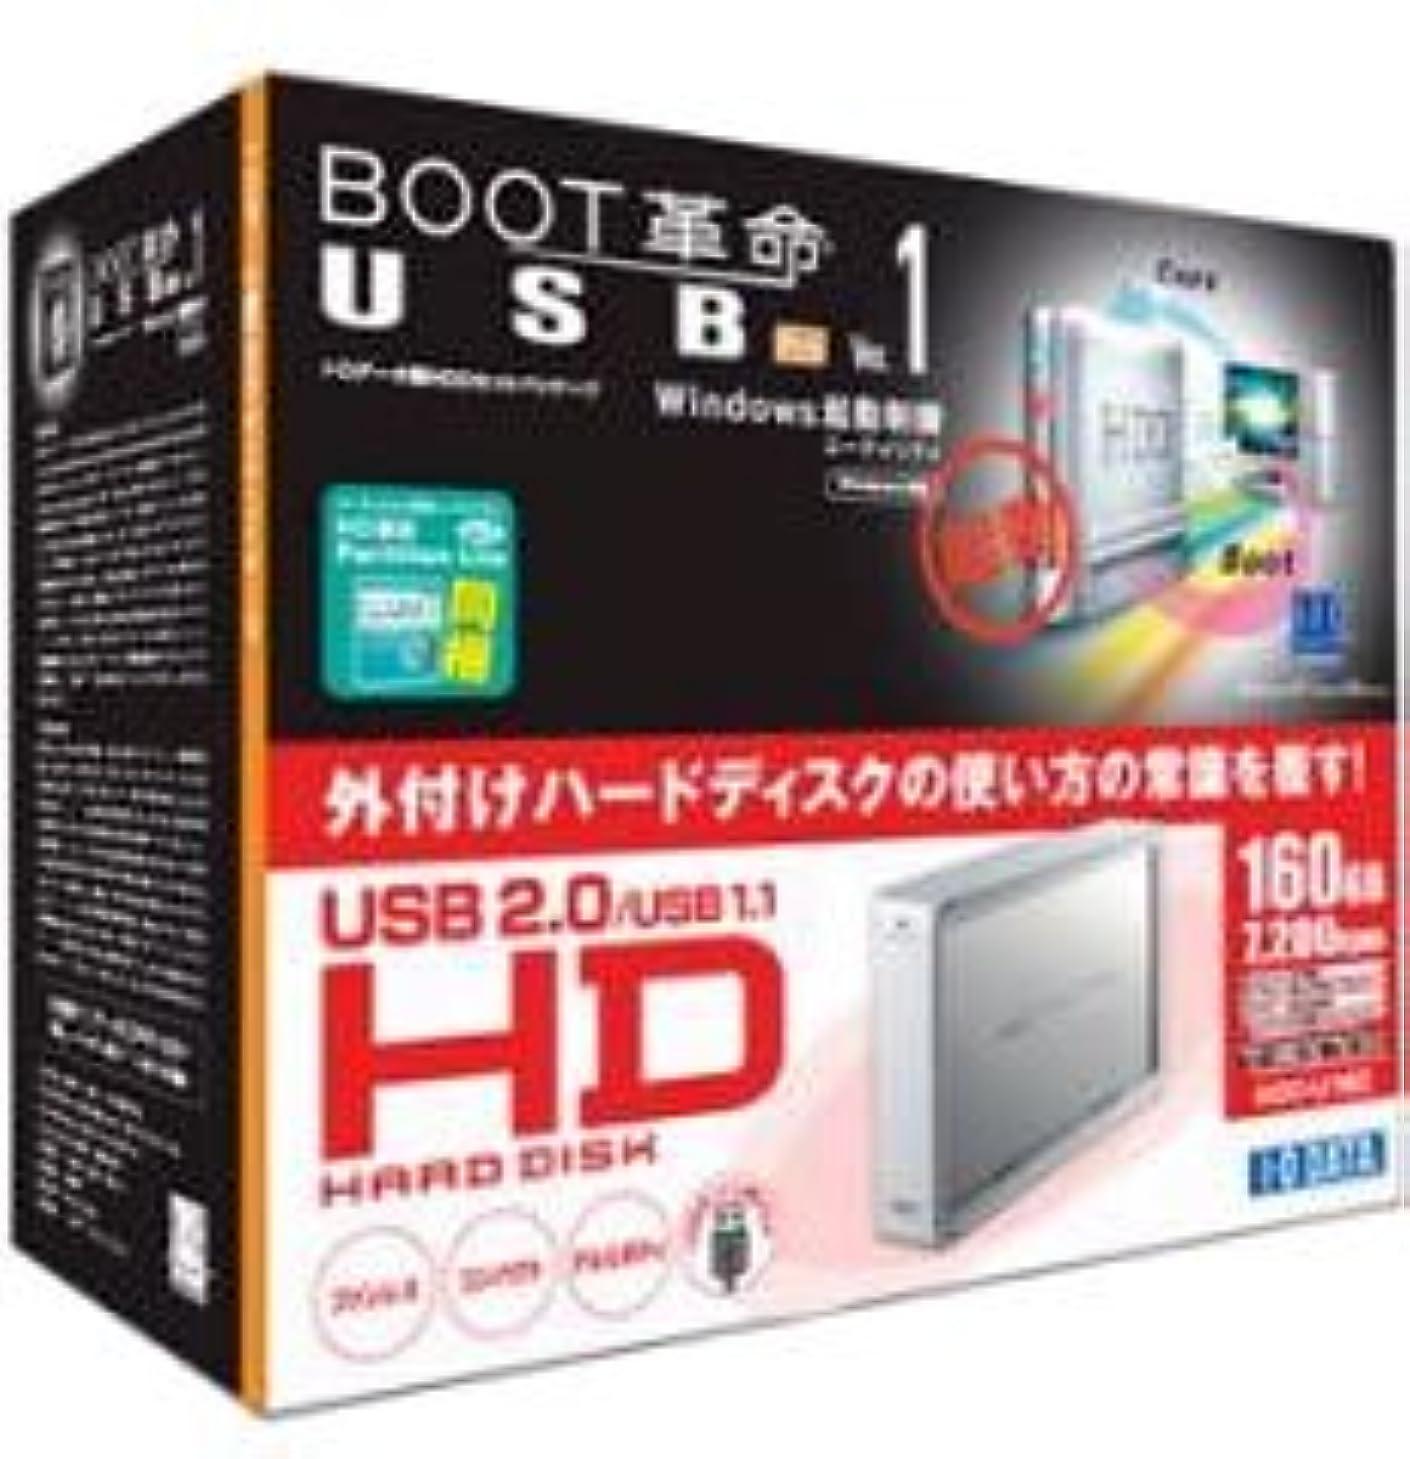 仕事人事悲しいBOOT 革命/USB Ver.1 Pro(3.5インチ 160GB USBハードディスクセット)※IOデータ製